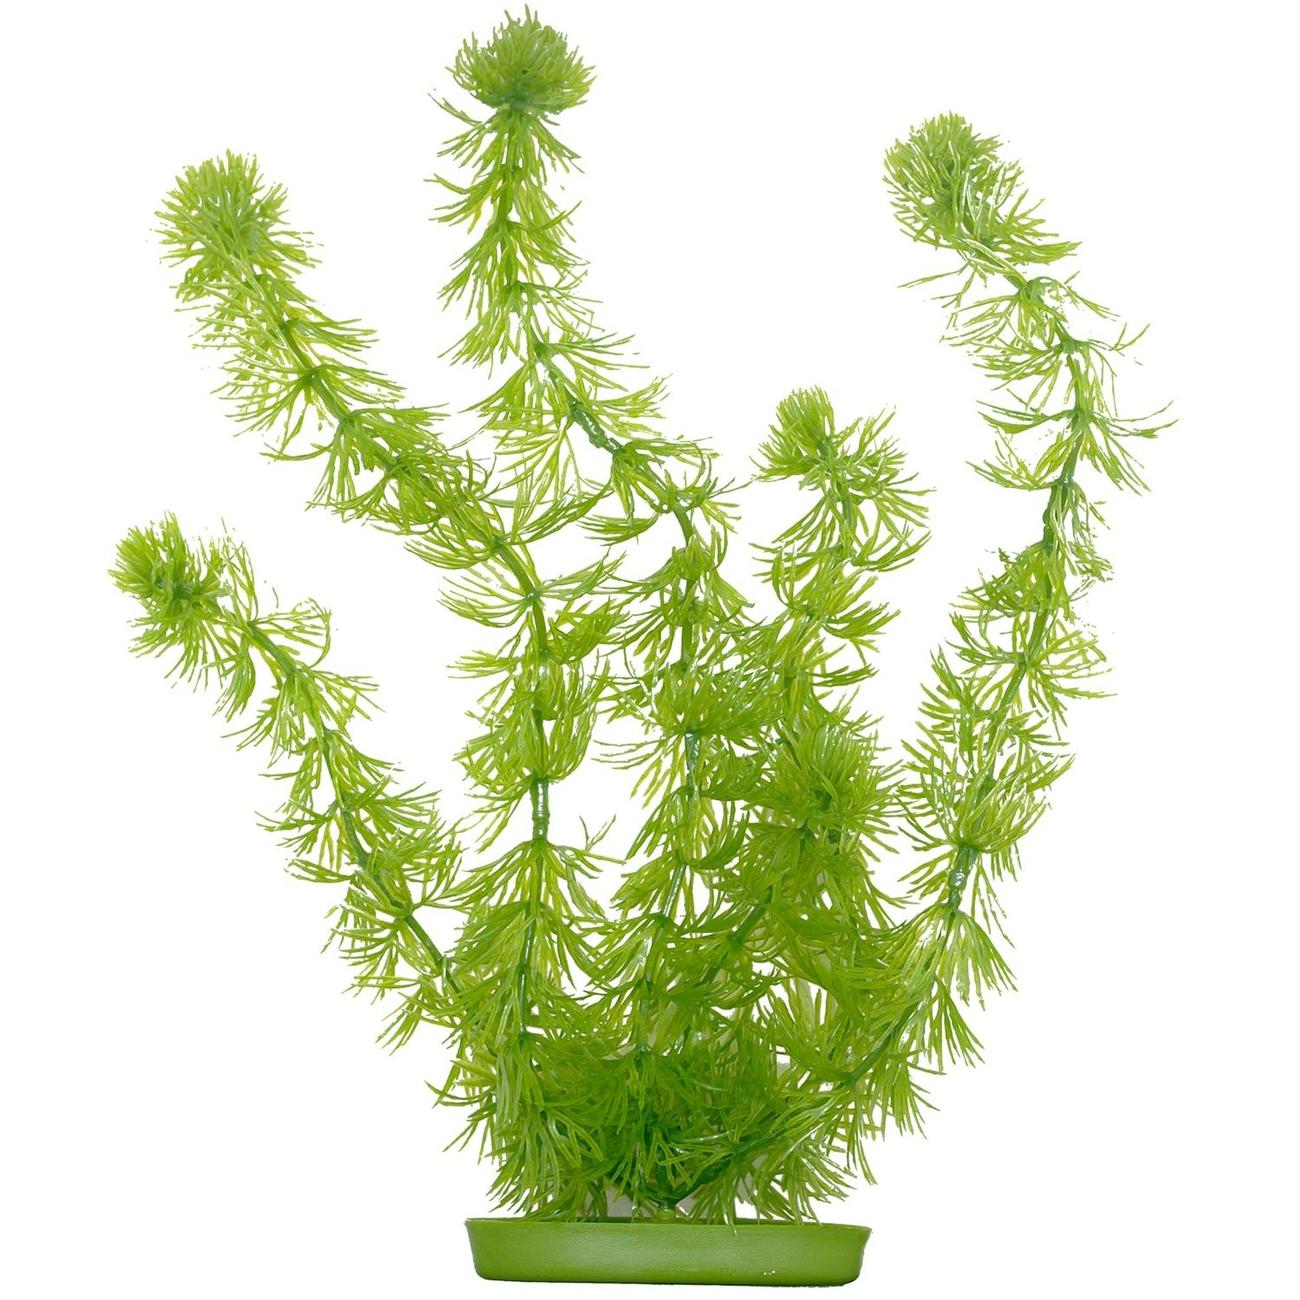 Marina Aquascaper Pflanzen bis 20 cm, Bild 7